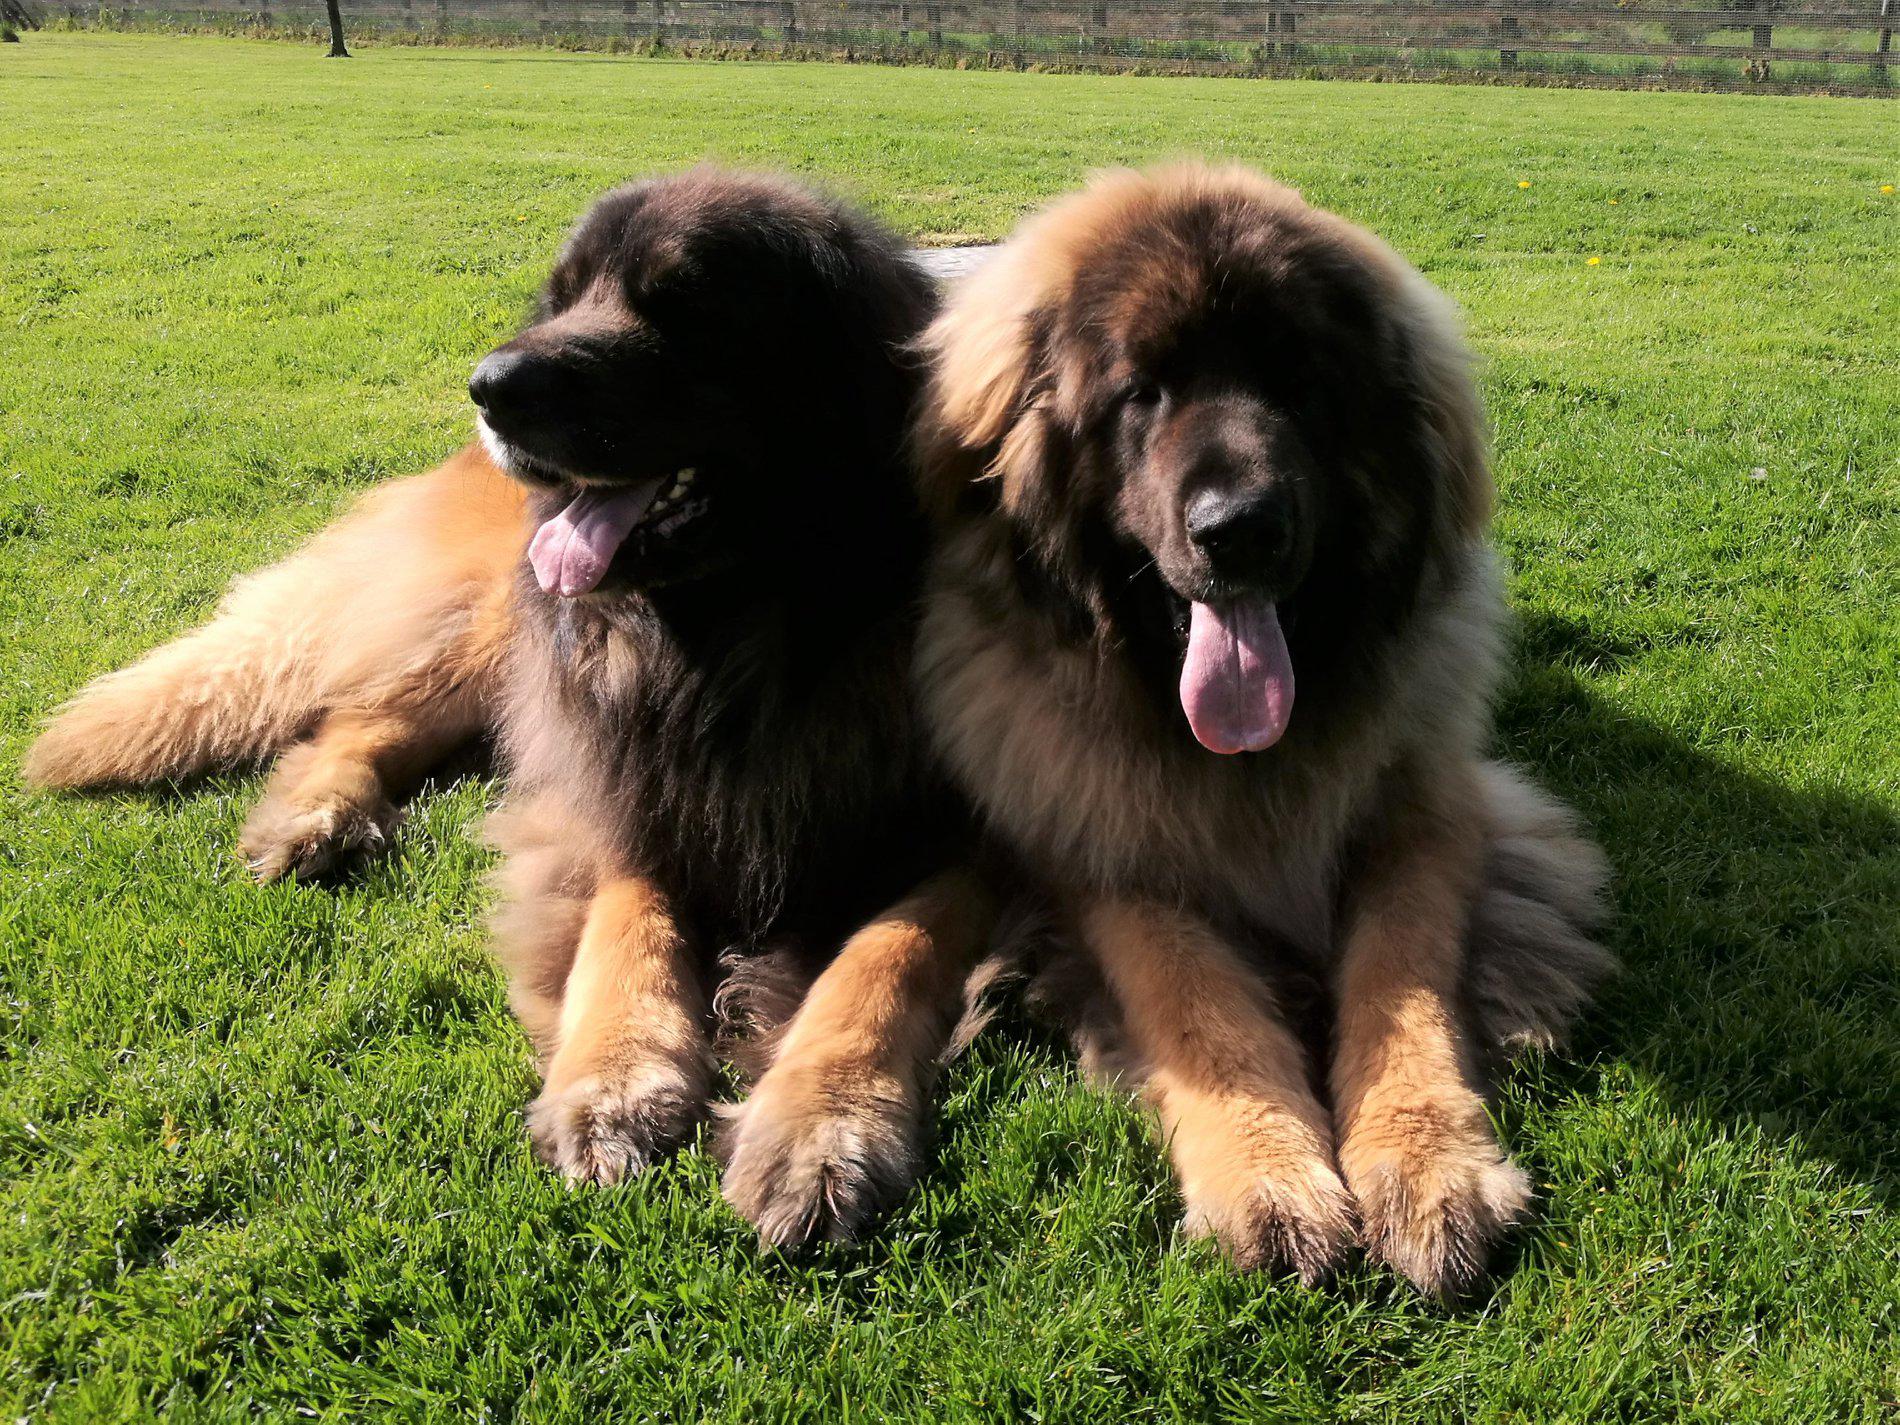 Tassu and son Baloo enjoying the sun